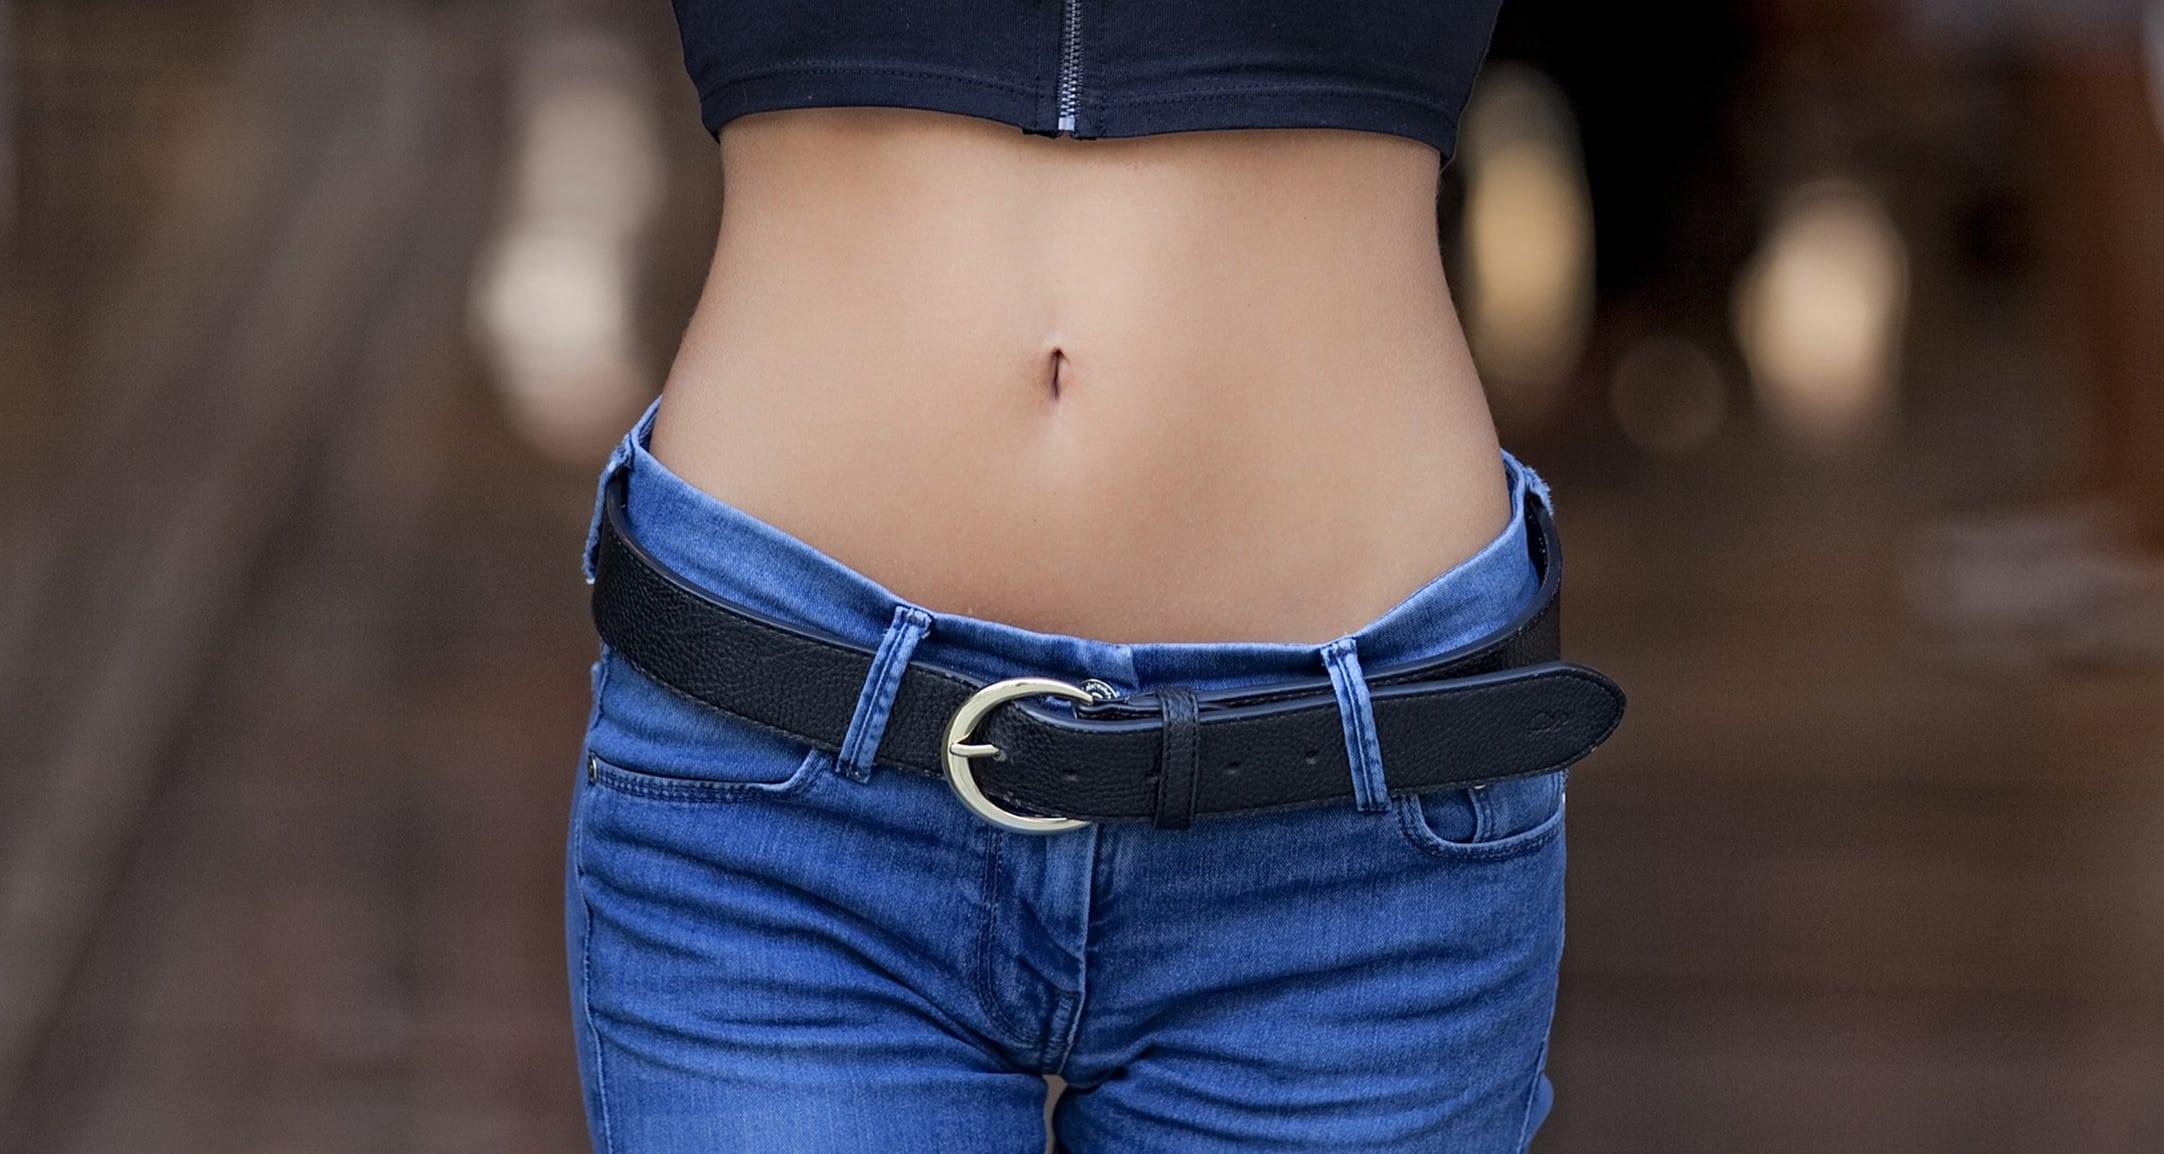 Tratamientos no invasivos para reducir el abdomen